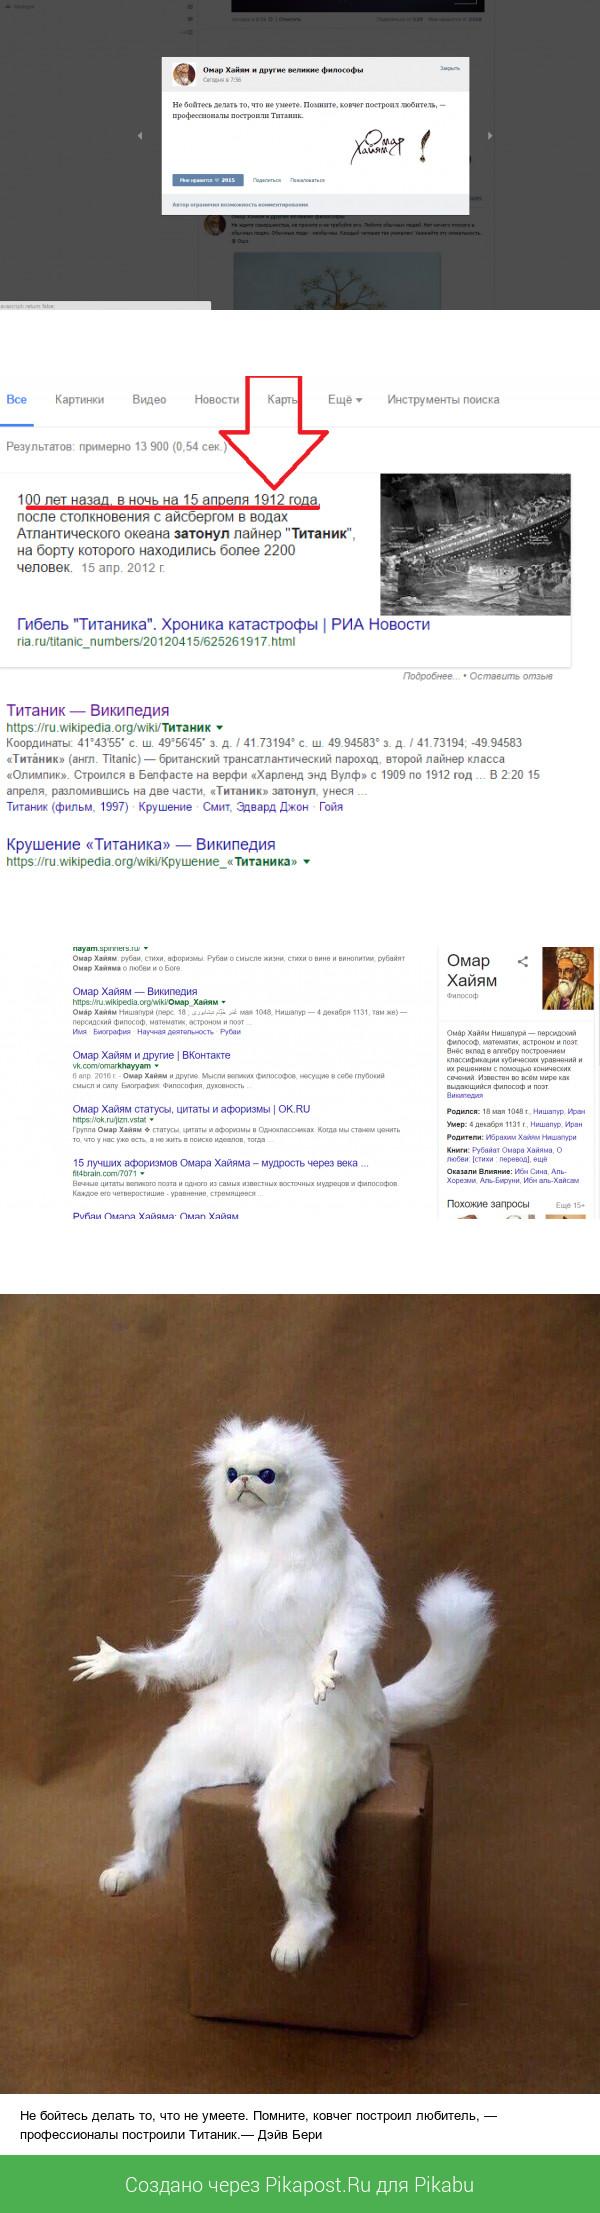 Омар Хайм похоже был провидцем :) длиннопост, Омар Хайям, Вброс, фейк, Картинки, текст, паблик